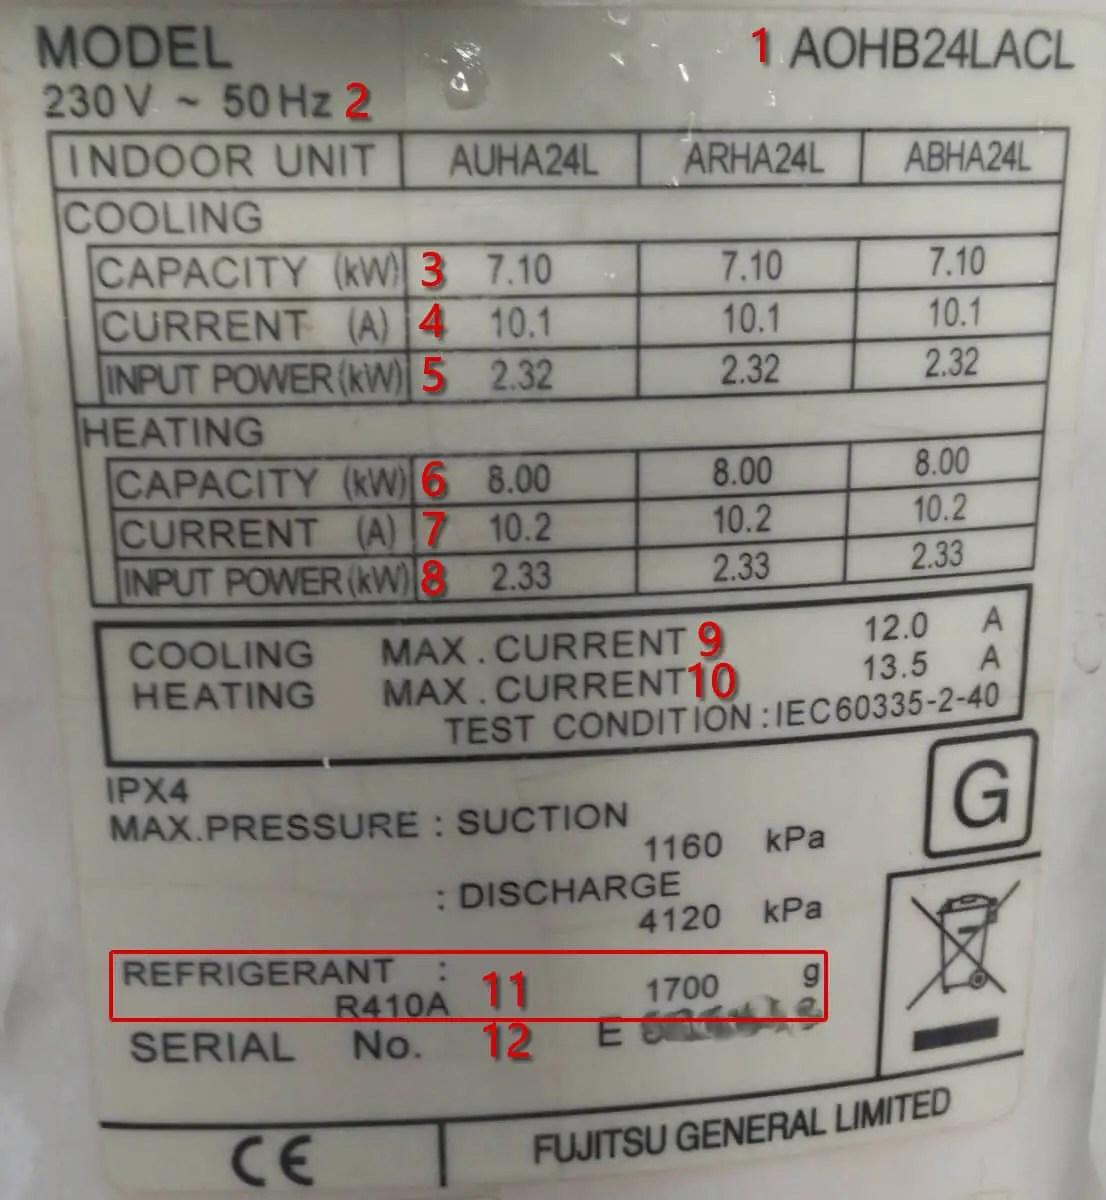 Caracter 237 Sticas T 233 Cnicas Aire Acondicionado Fujitsu